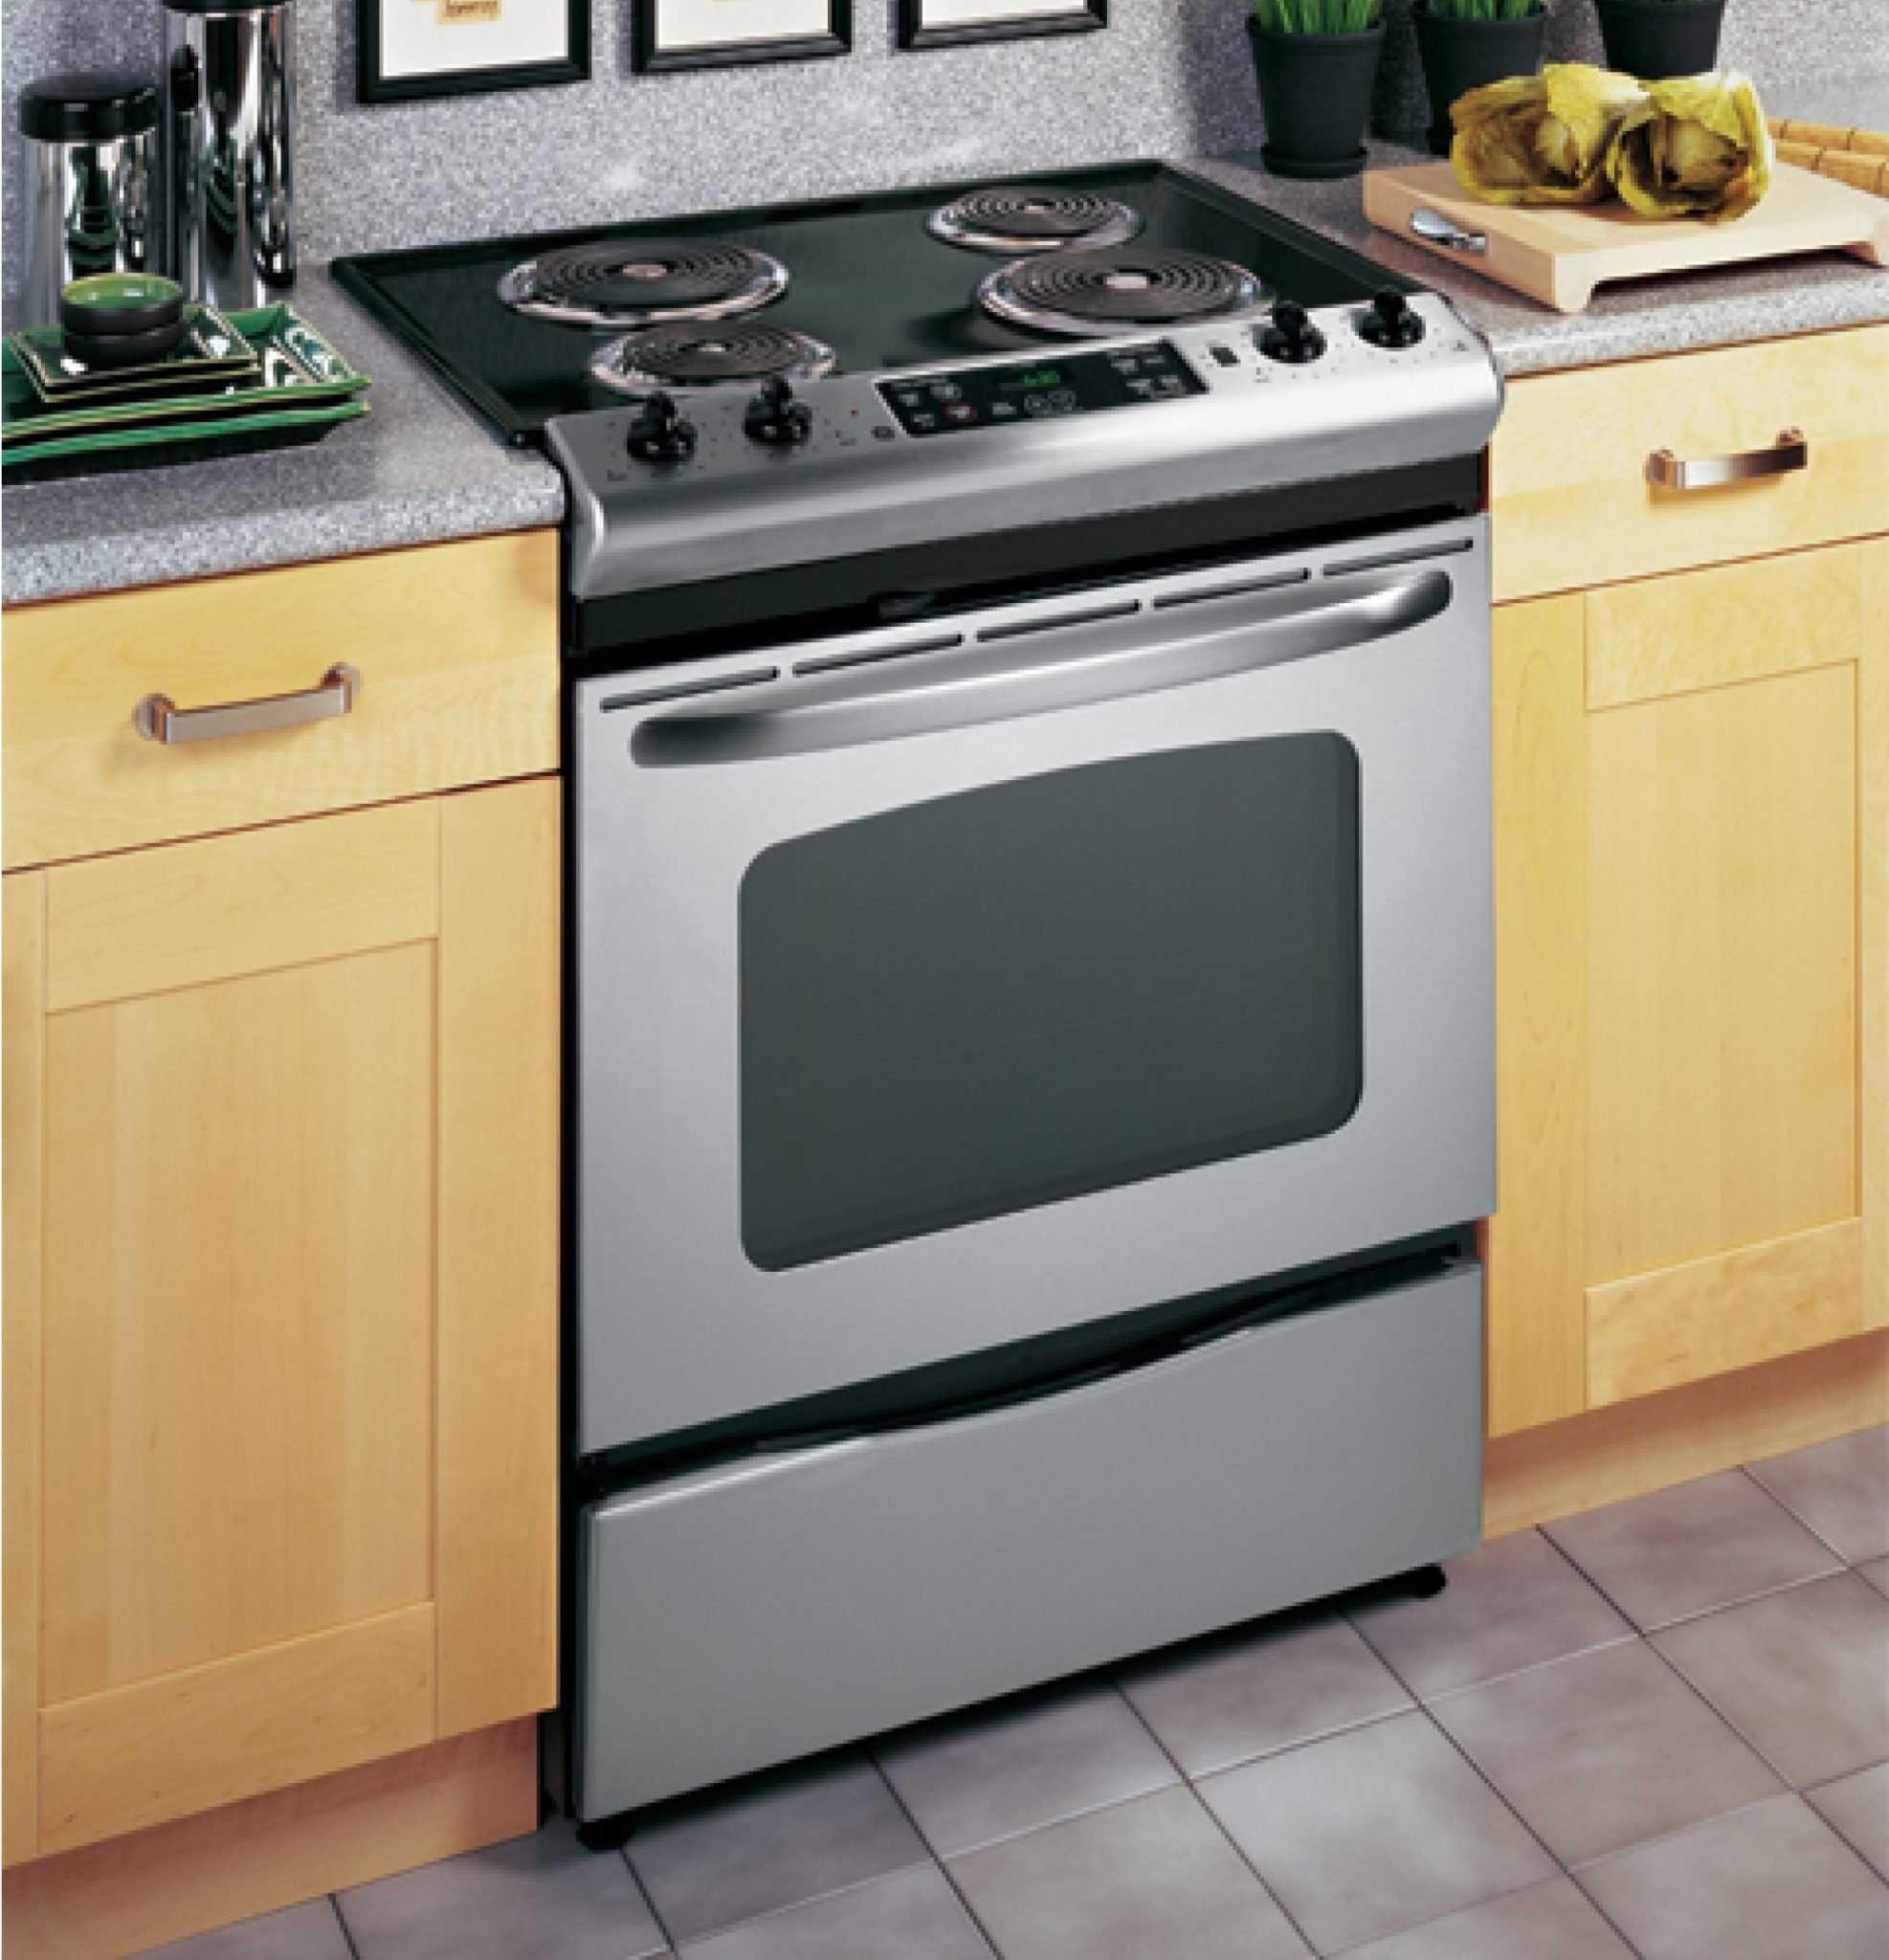 Как правильно выбрать электрическую плиту для кухни, чтобы потом не жалеть